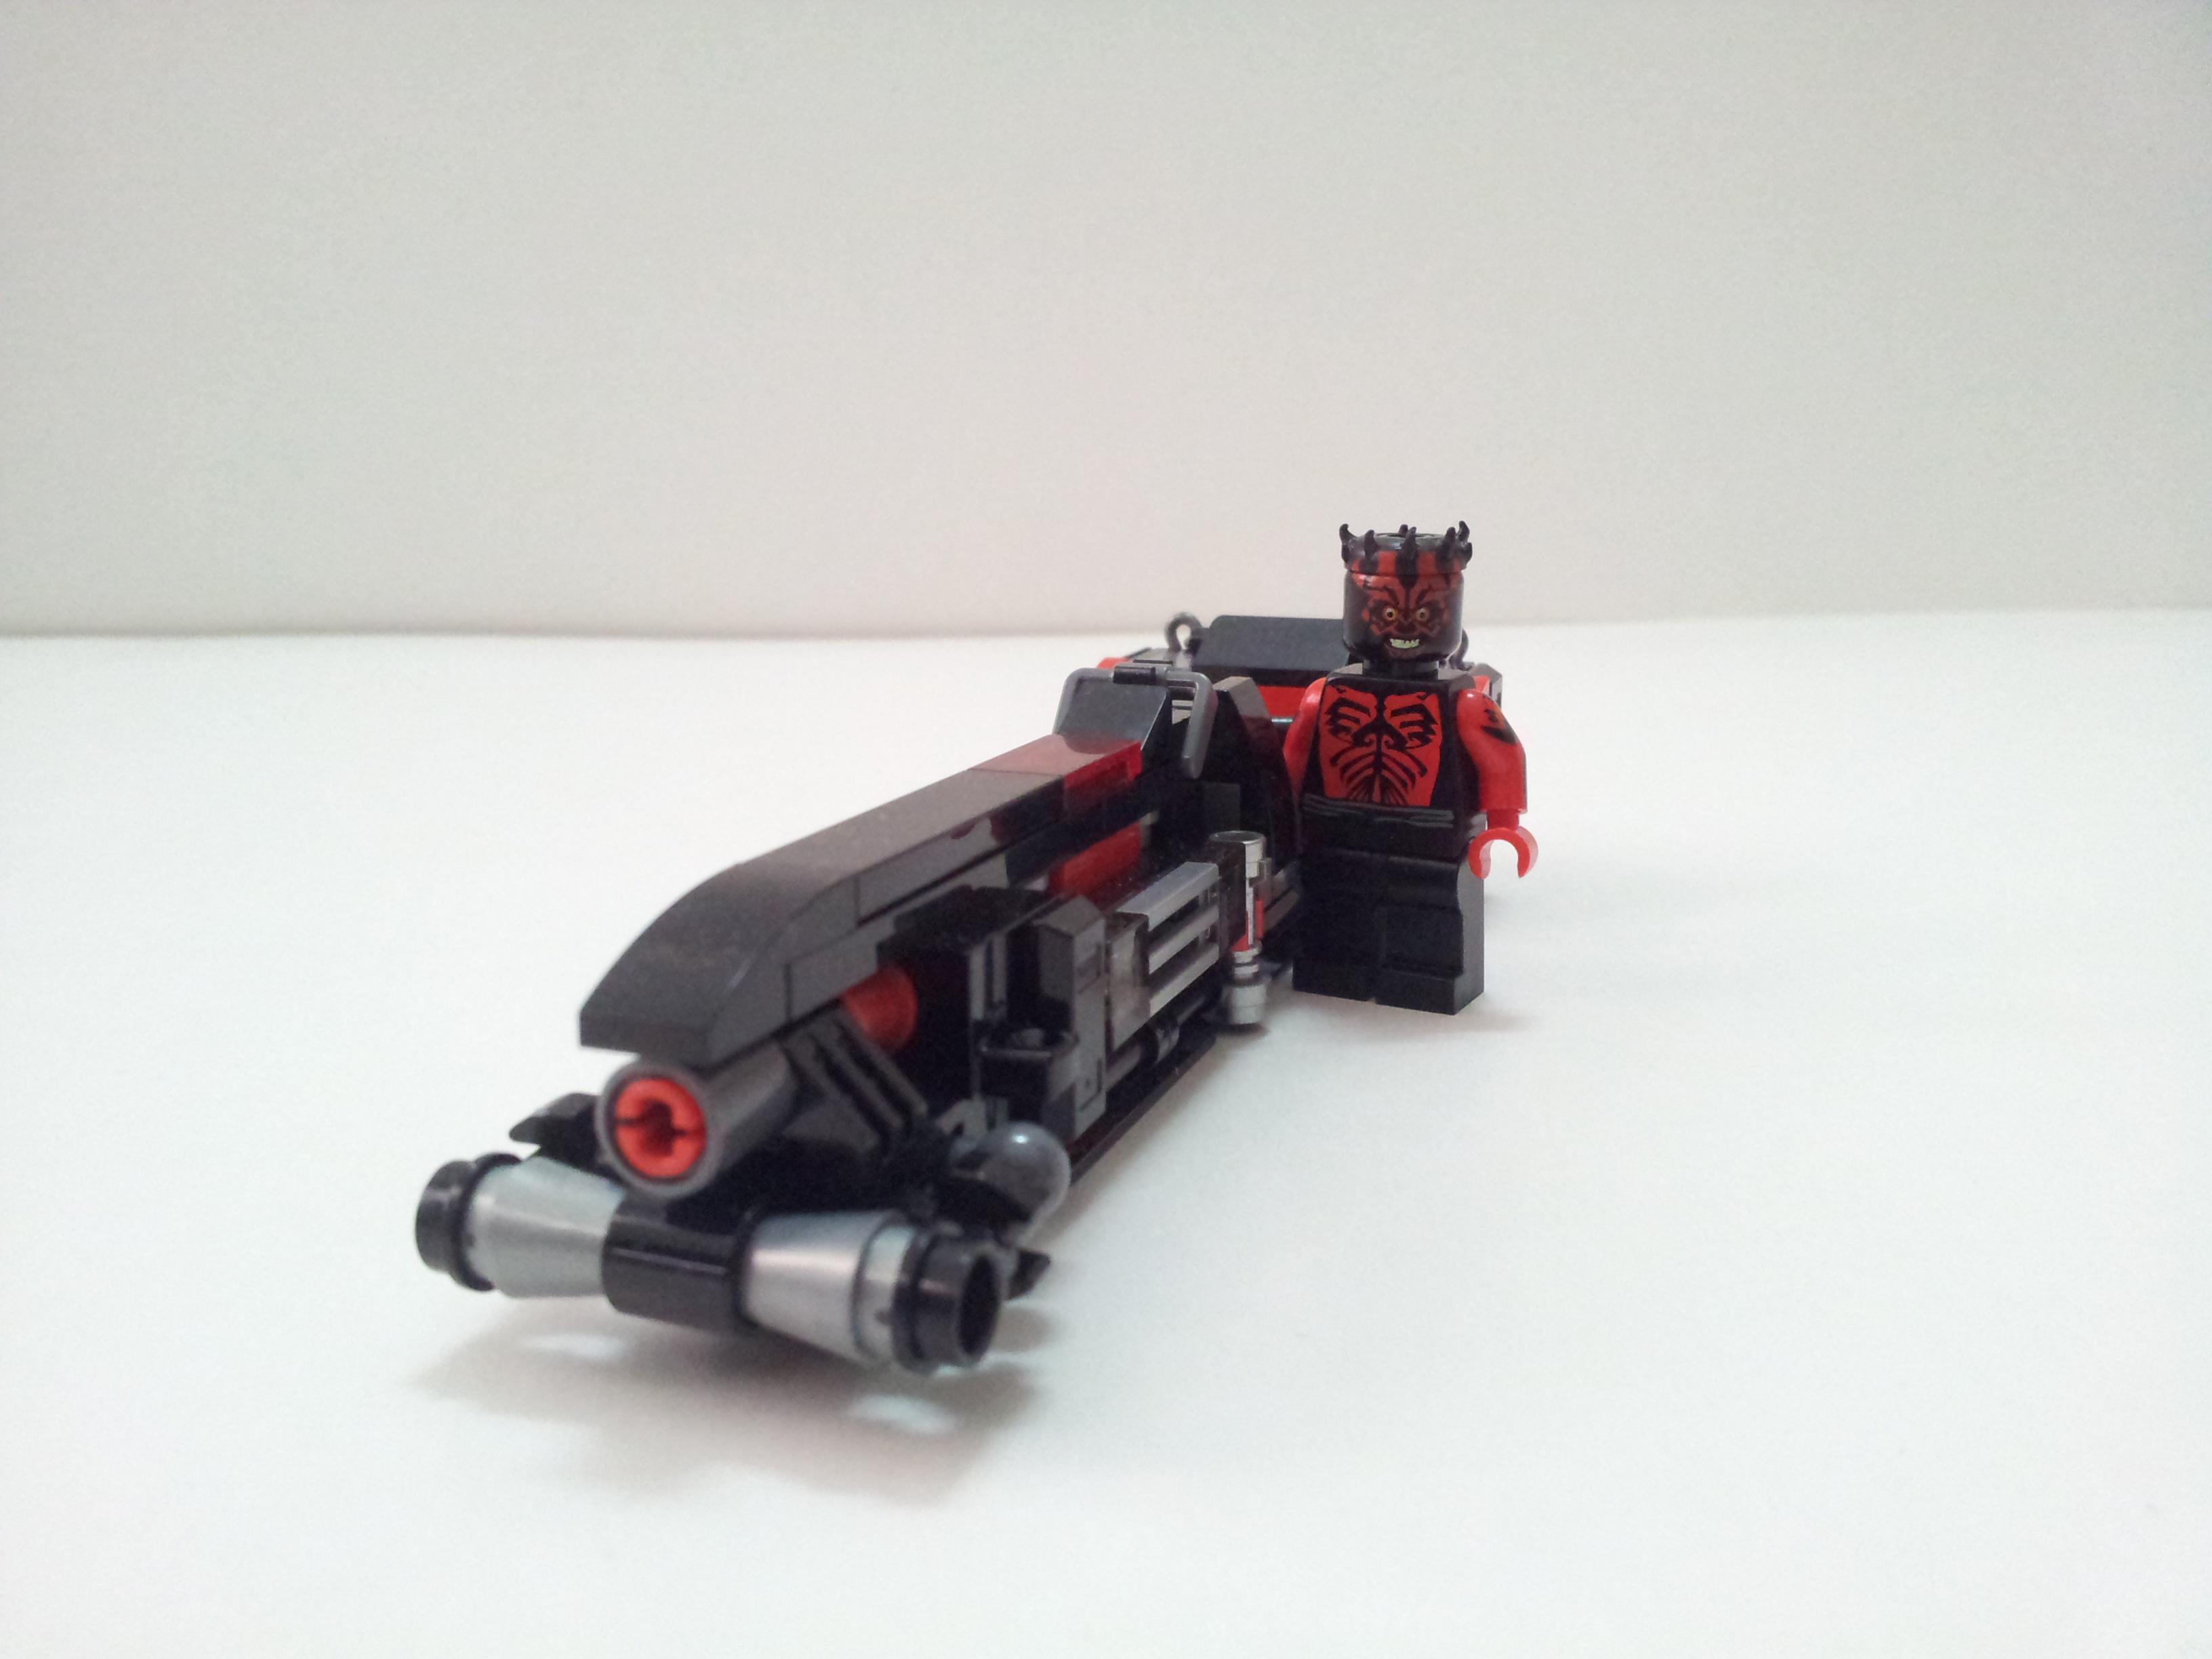 Darth Maul's Sith Speeder